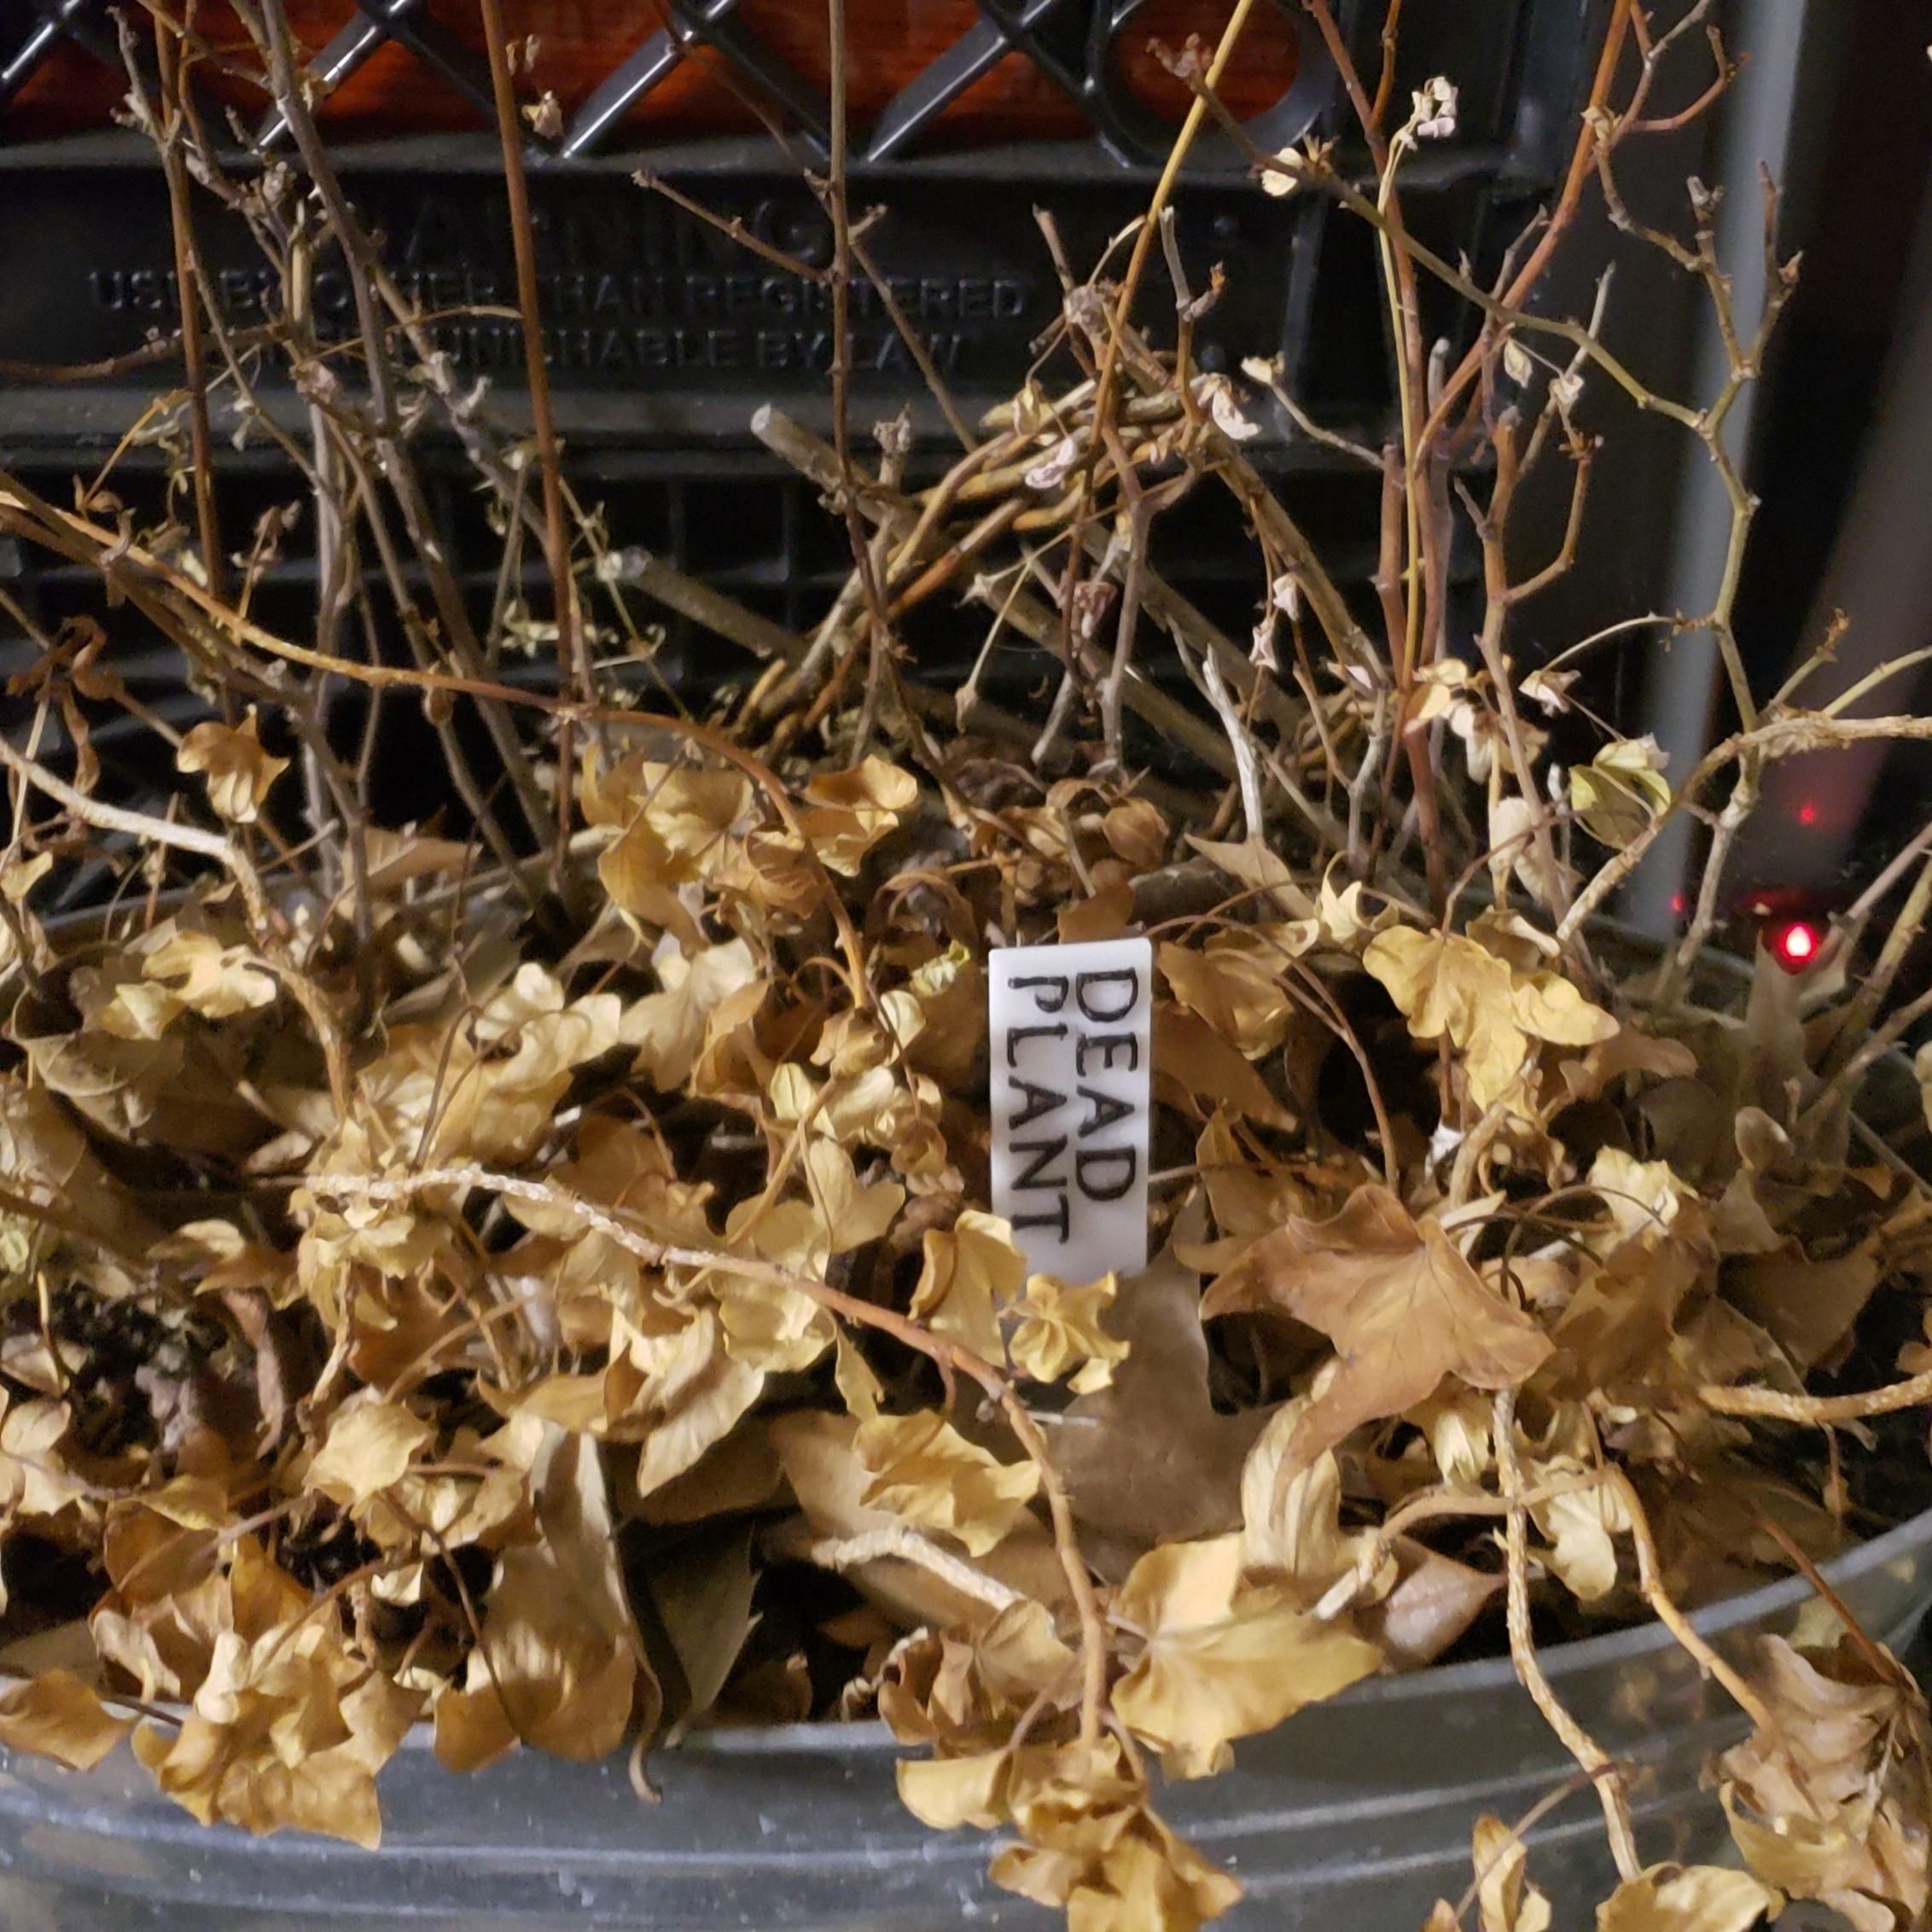 20200602_132131.jpg Télécharger fichier STL gratuit Étiquettes de noms de plantes • Plan imprimable en 3D, Jdog